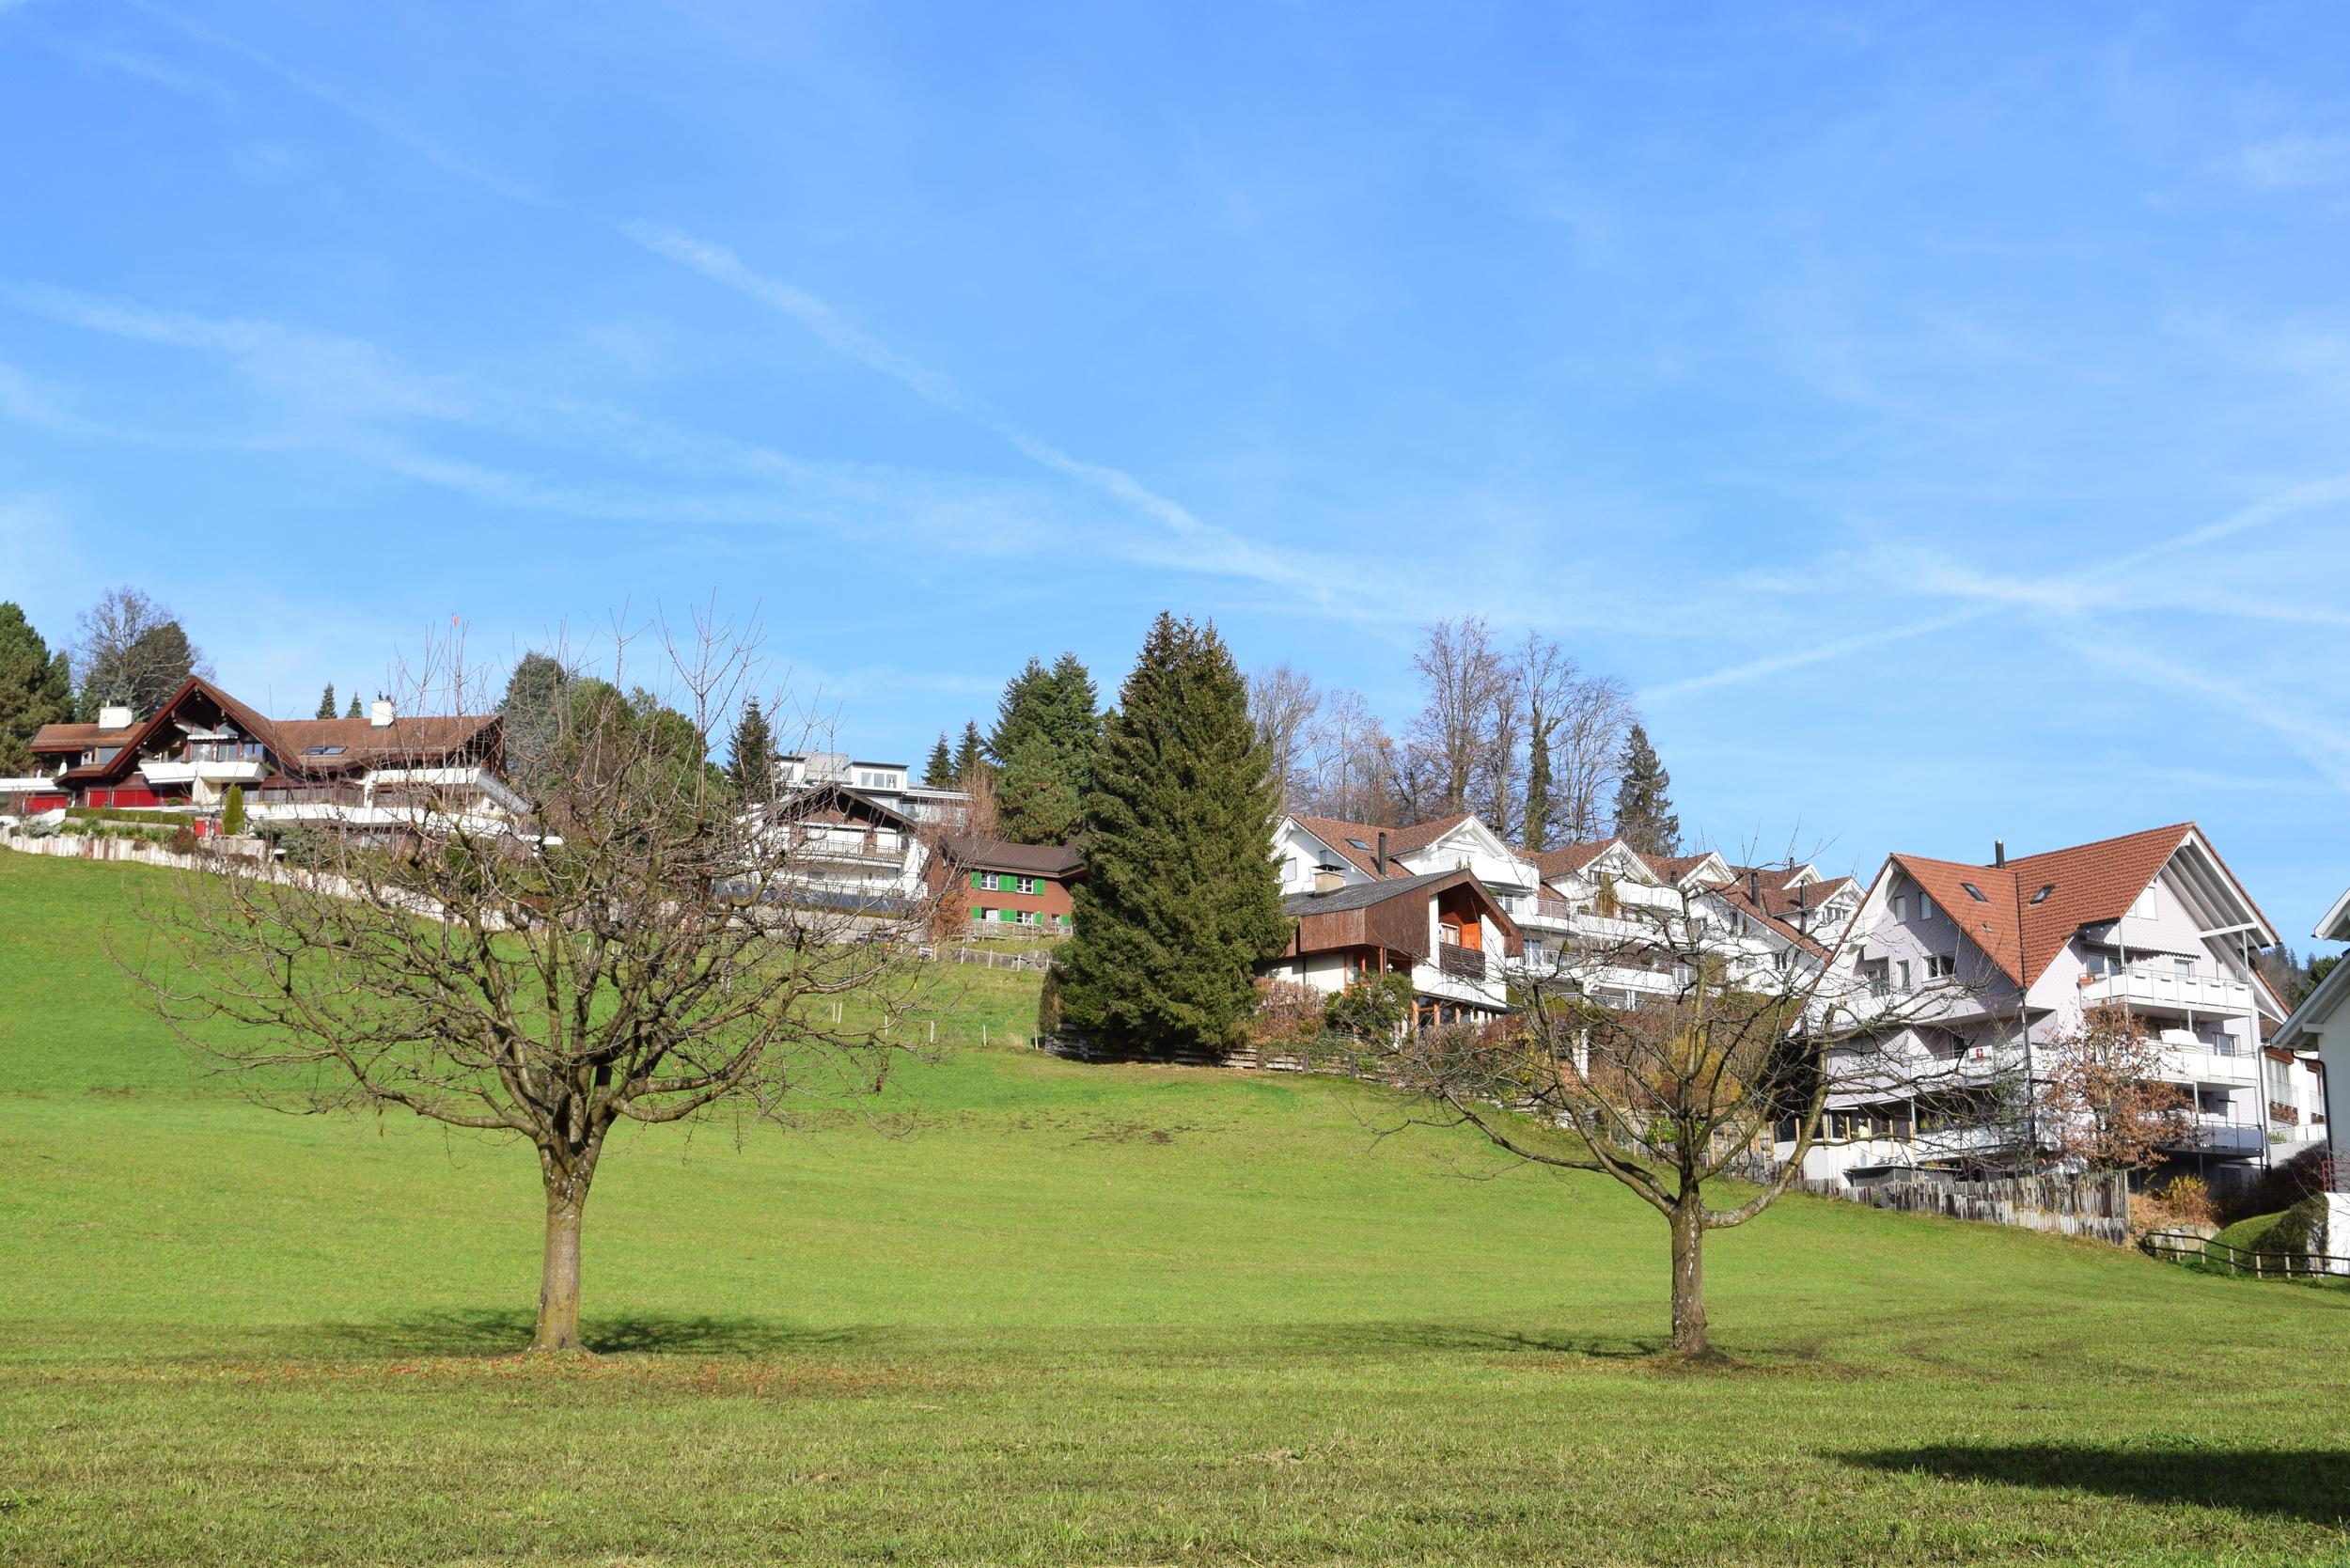 Oberägeri: Blue skies, green fields, and plenty of Nussbaumers